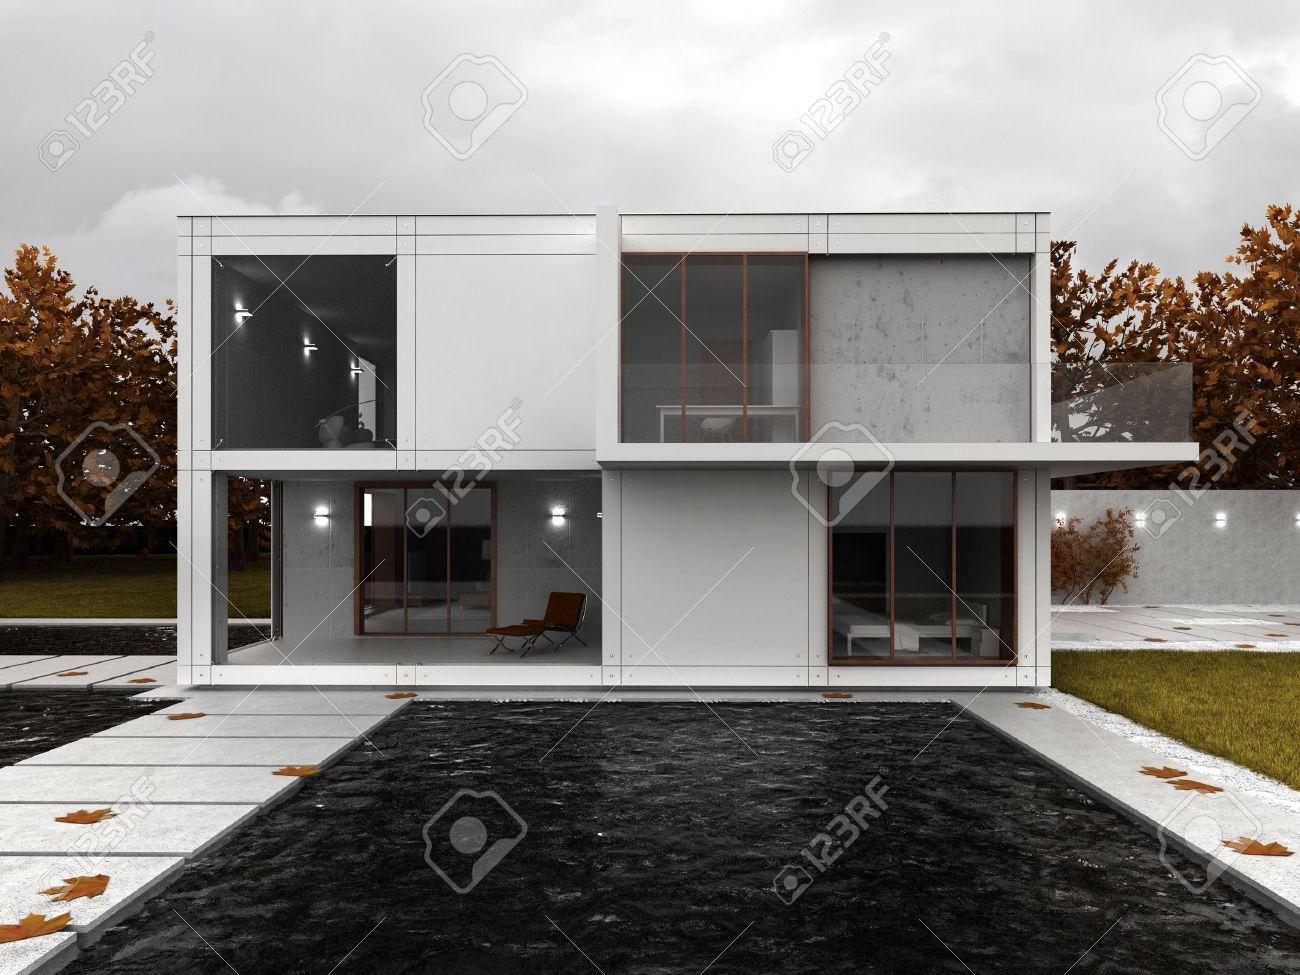 Sehr Modernes Haus Visualisierung, Zeitgenössische Architektur In ...